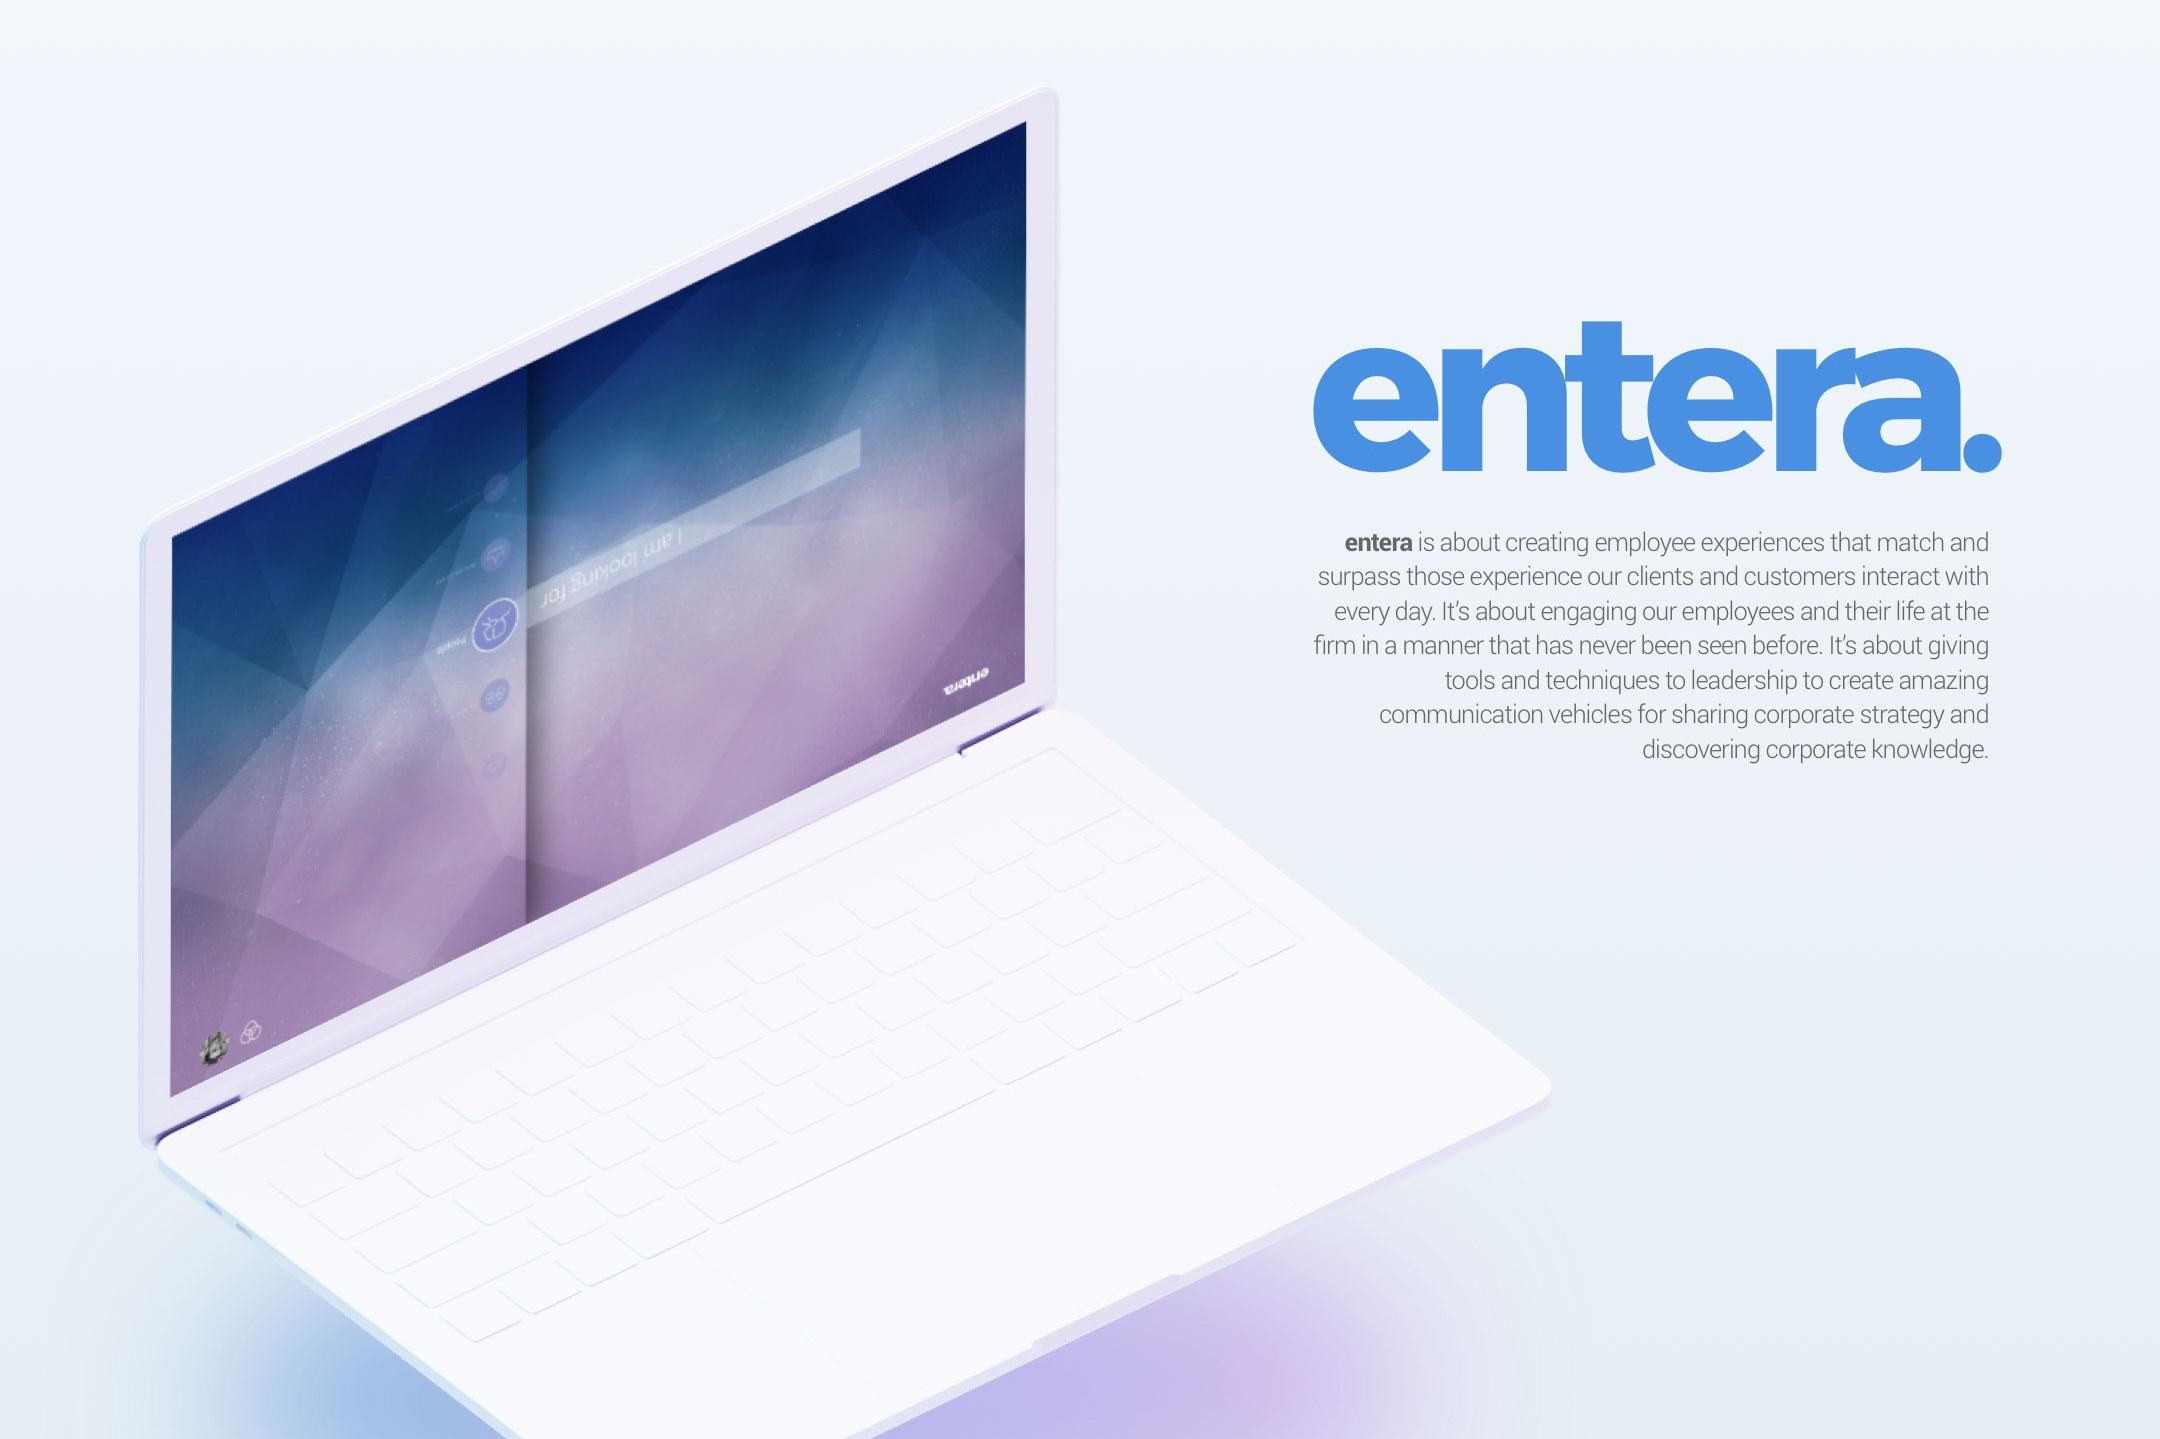 Entera - An intranet for the Enterprise